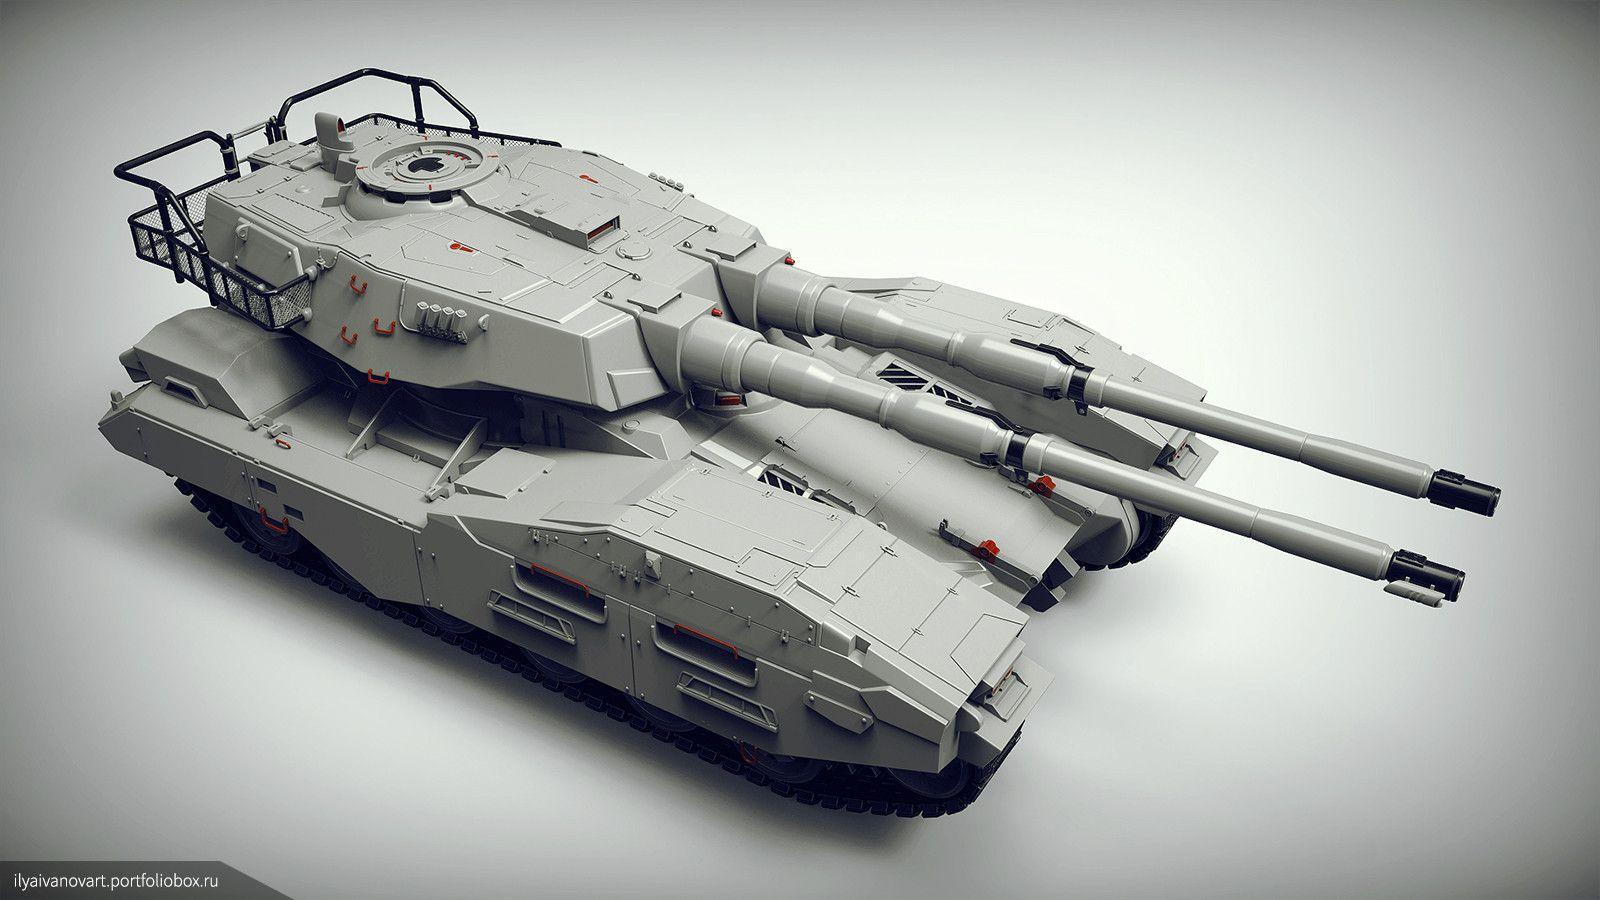 5745ecbfda253 E.F.G.F. M61A5 Main Battle Tank